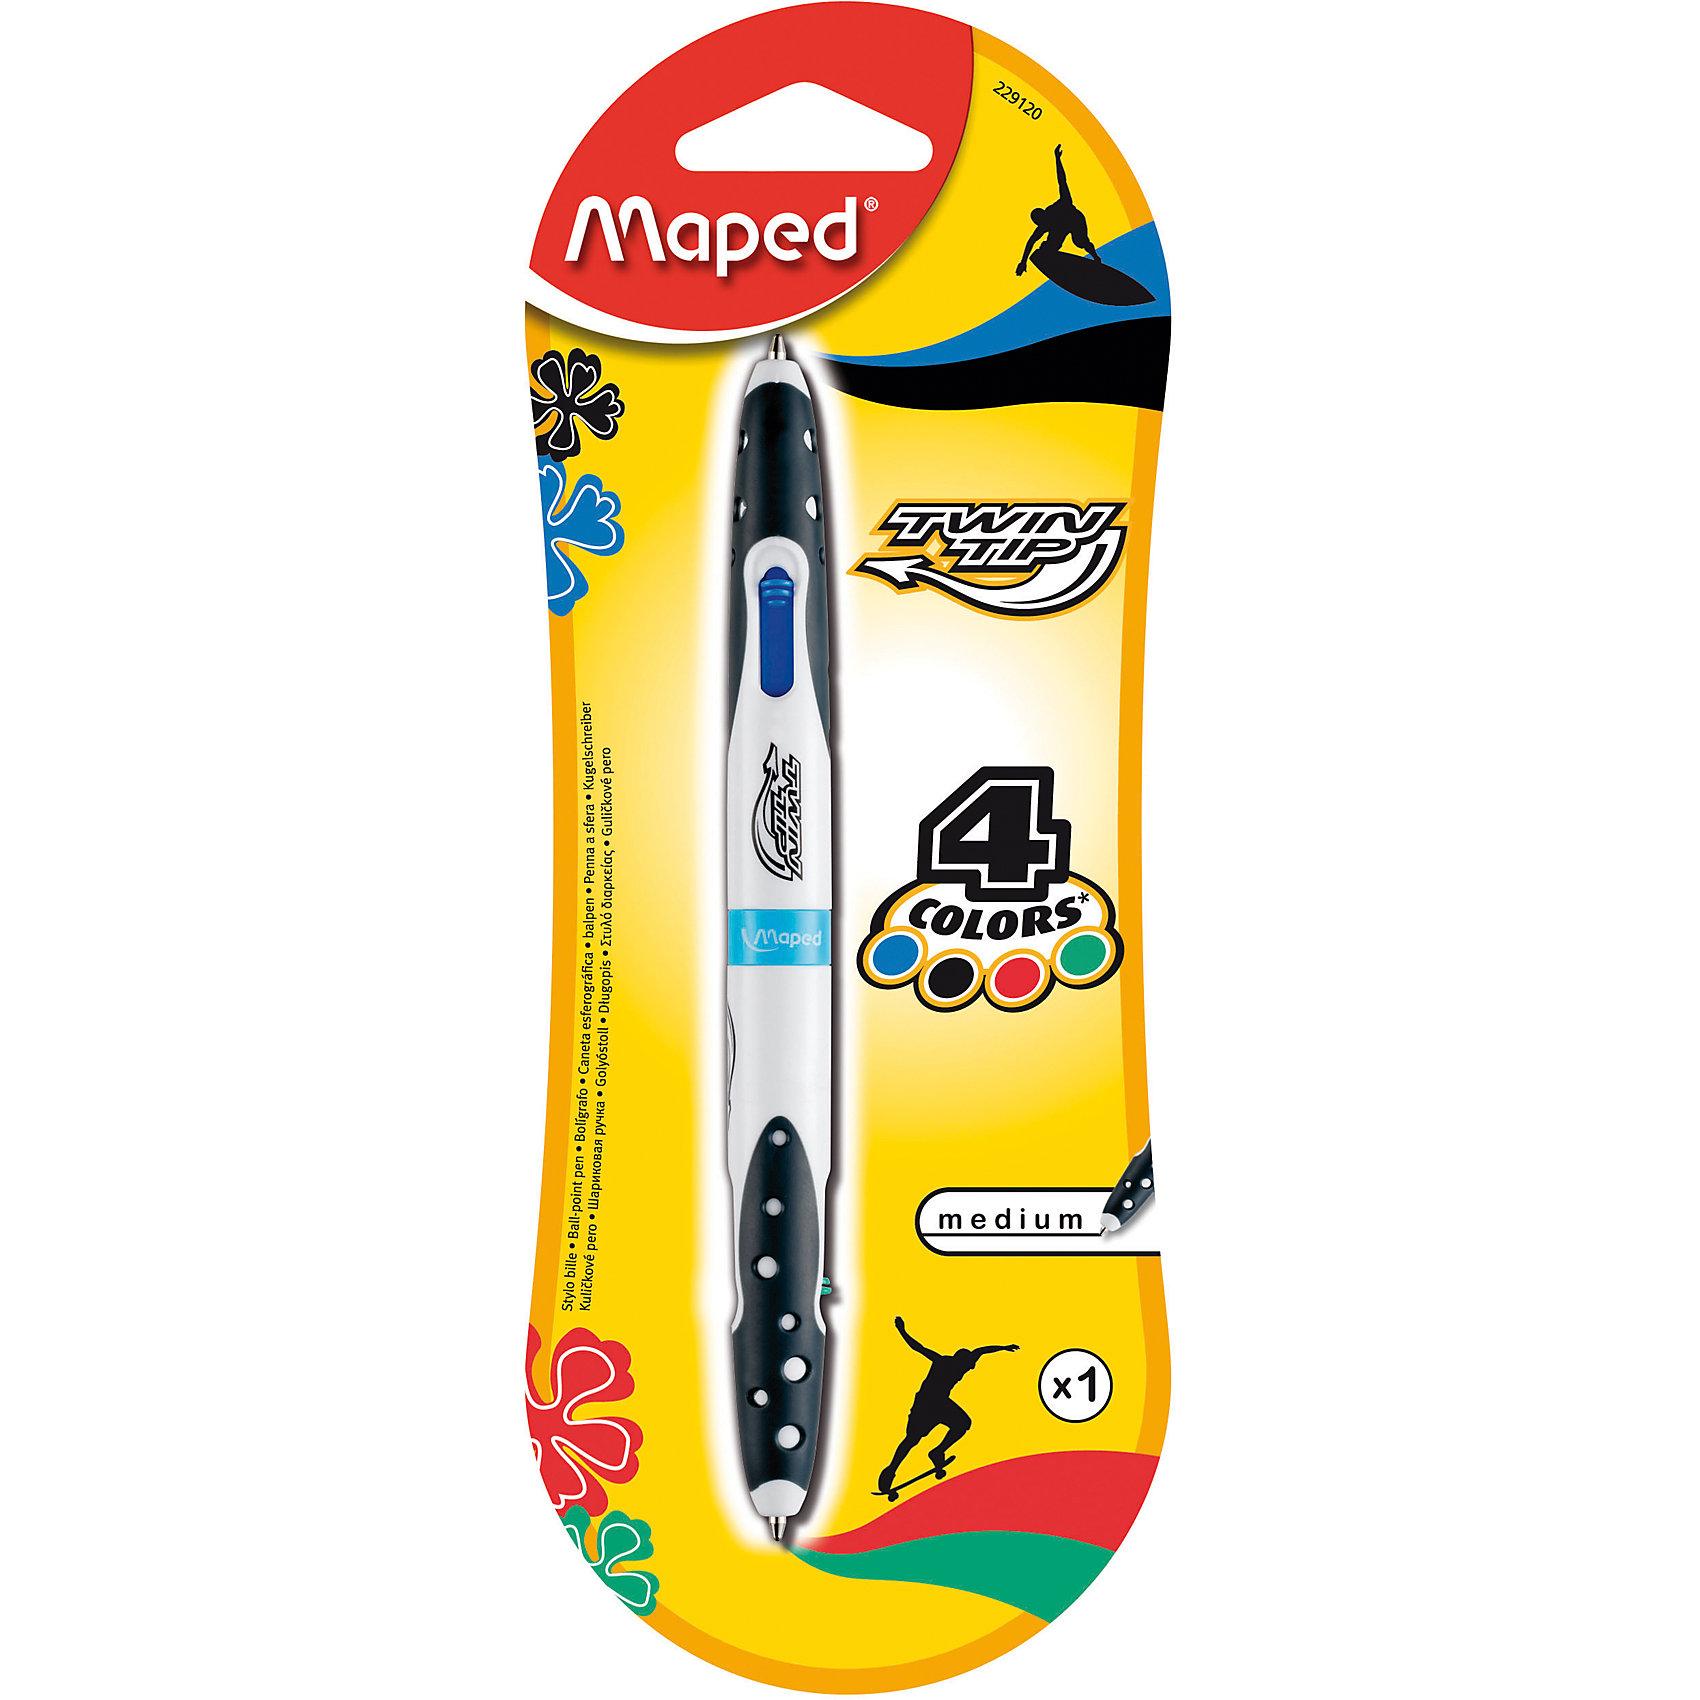 Шариковая ручка, 1 мм, 4 цв.Шариковая ручка, 1 мм, 4 цв. от марки Maped<br><br>Удобная ручка от компании Maped в удобном корпусе. Пишущий инструмент отличного качества! Автоматическая система выдвижения.<br>Отлично ложится в руке, пишет мягко. Дает аккуратную линию. Чернил хватает на долгое время, они быстро сохнут. Внутри - четыре стержня разных цветов.<br><br>Особенности данной модели:<br><br>диаметр шарика: 1 мм;<br>цвета чернил: синий, черный, зеленый, красный;<br>обрезиненный корпус.<br><br>Шариковая ручка, 1 мм, 4 цв. от марки Maped можно купить в нашем магазине.<br><br>Ширина мм: 80<br>Глубина мм: 210<br>Высота мм: 15<br>Вес г: 13<br>Возраст от месяцев: 36<br>Возраст до месяцев: 2147483647<br>Пол: Унисекс<br>Возраст: Детский<br>SKU: 4684754